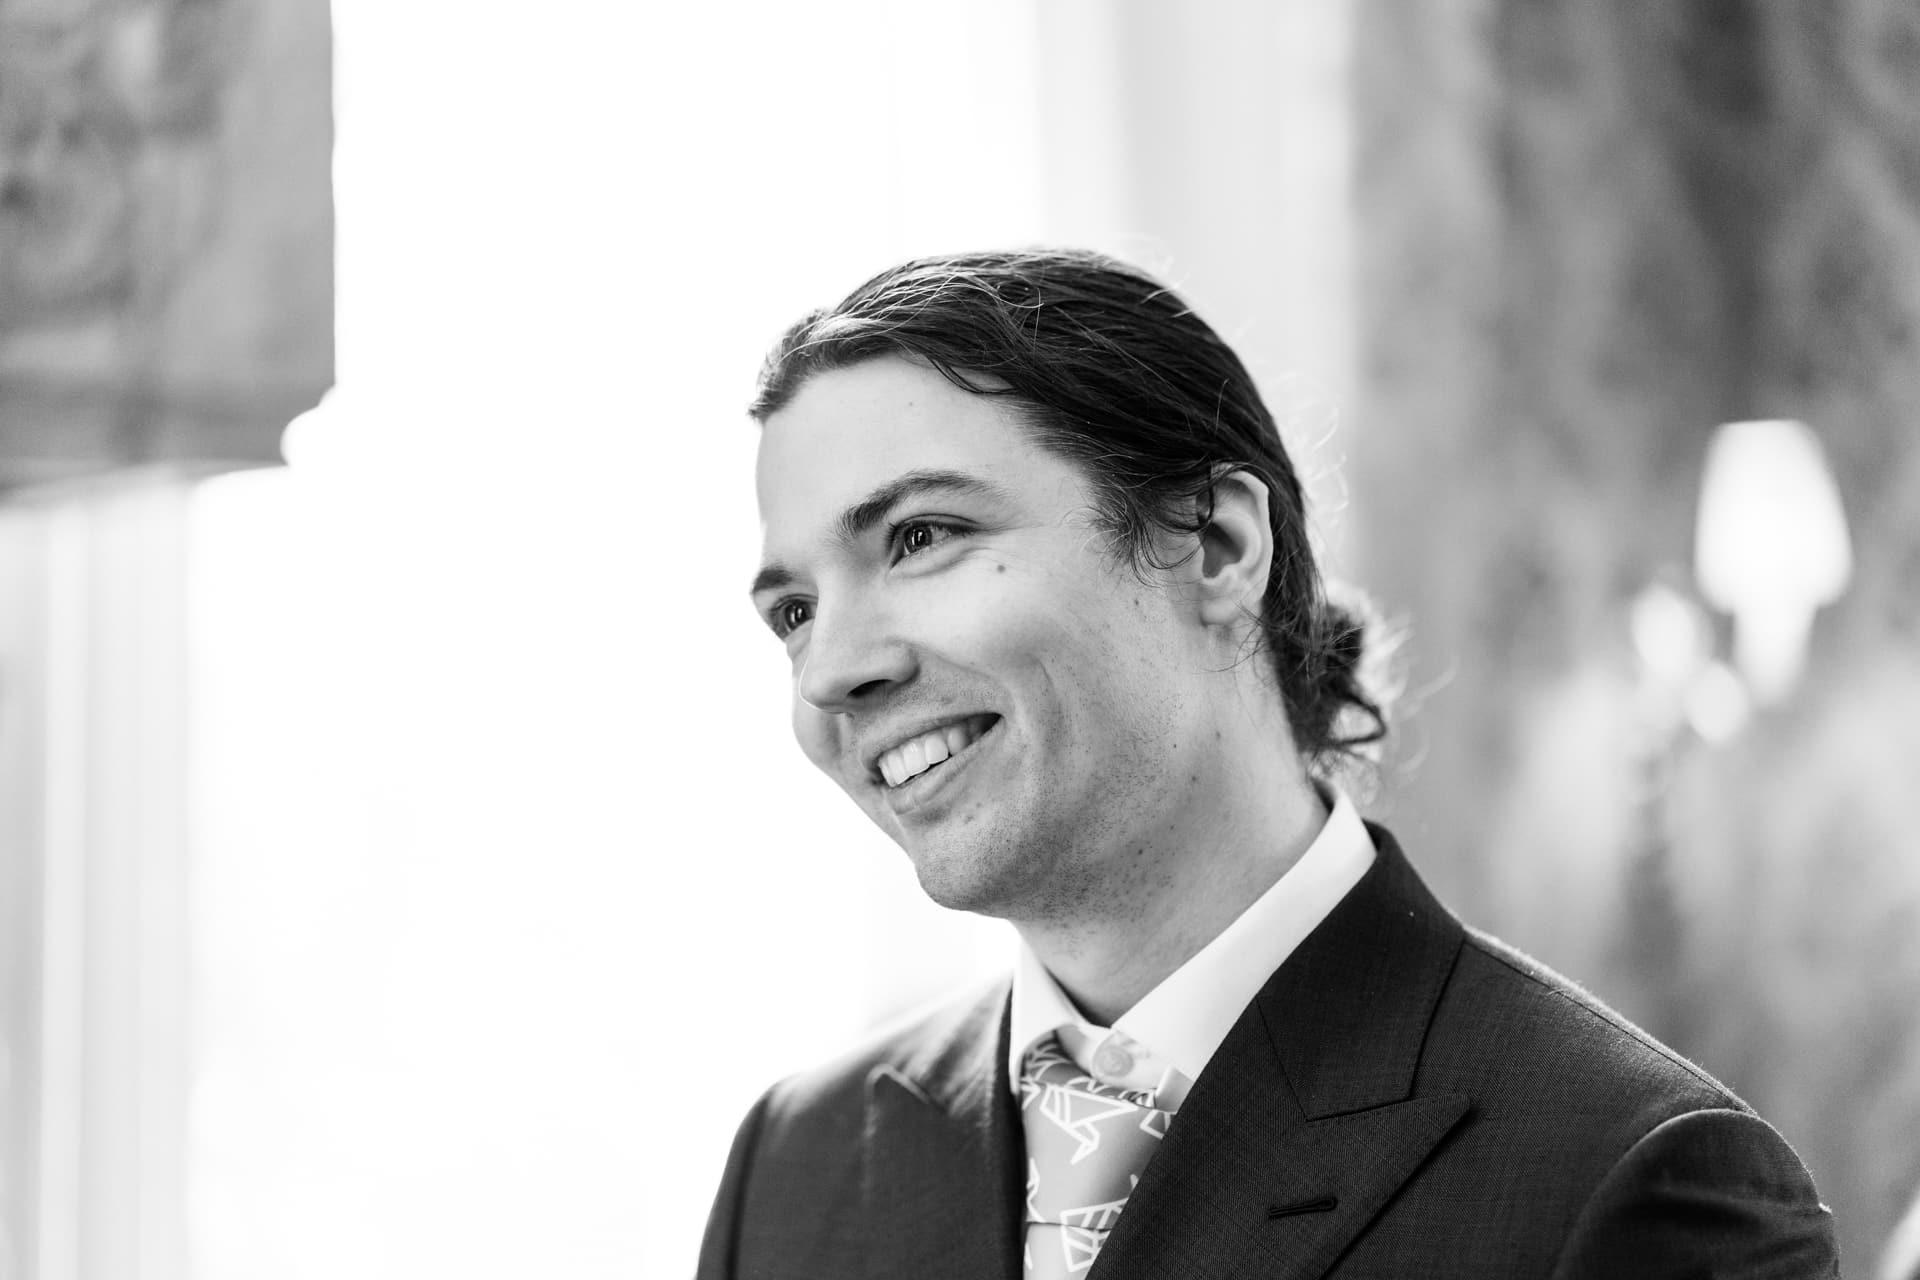 Bruiloft ceremonie Kasteel Ter Horst Loenen met zwart-wit portret bruidegom